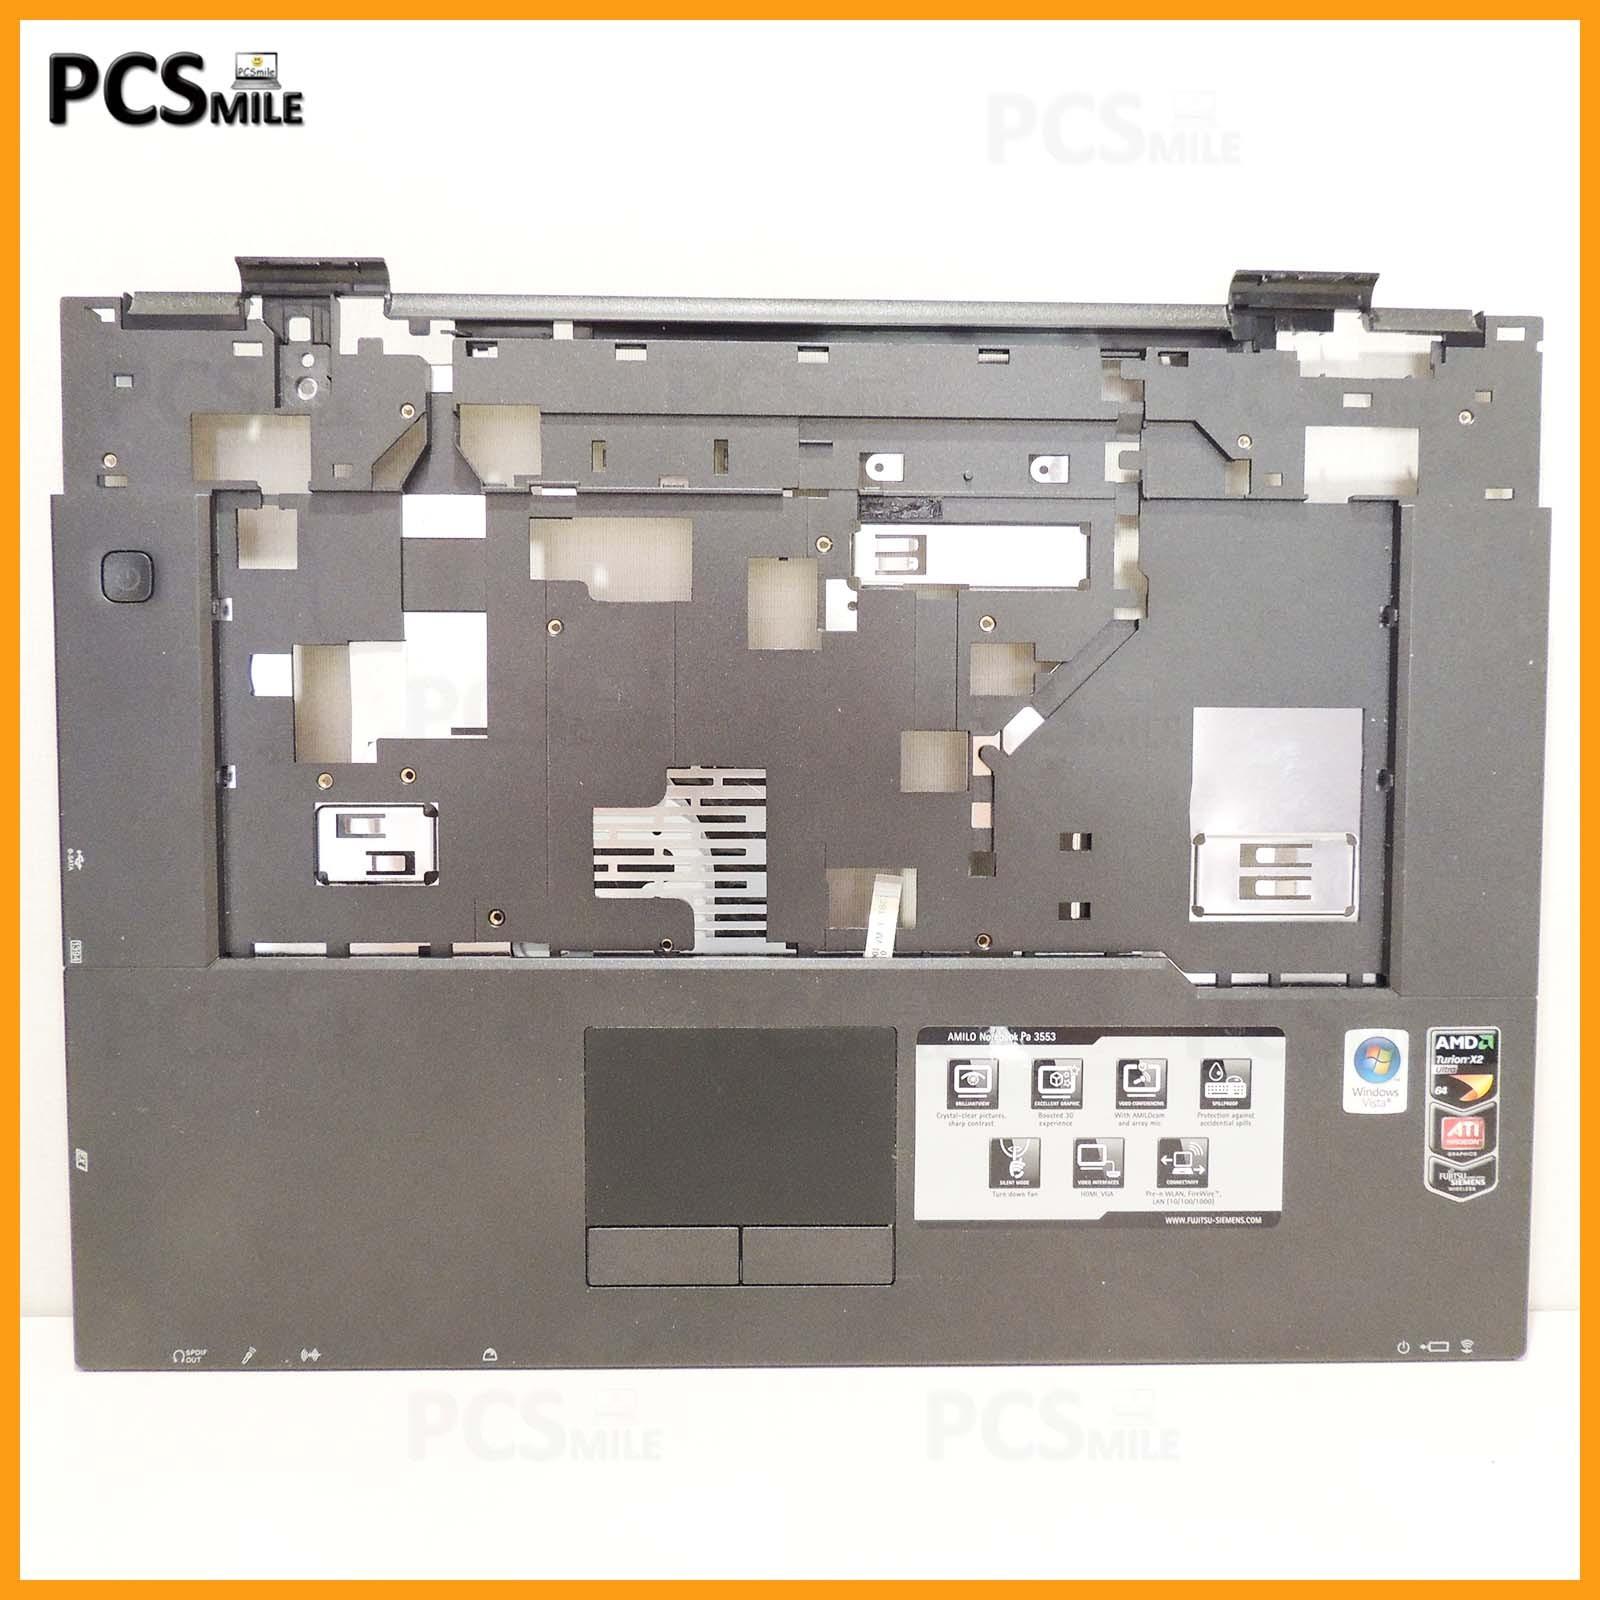 Scocca Amilo PA 3553 MS2242 Touchpad tasti mouse Fujitsu Siemens cover superiore